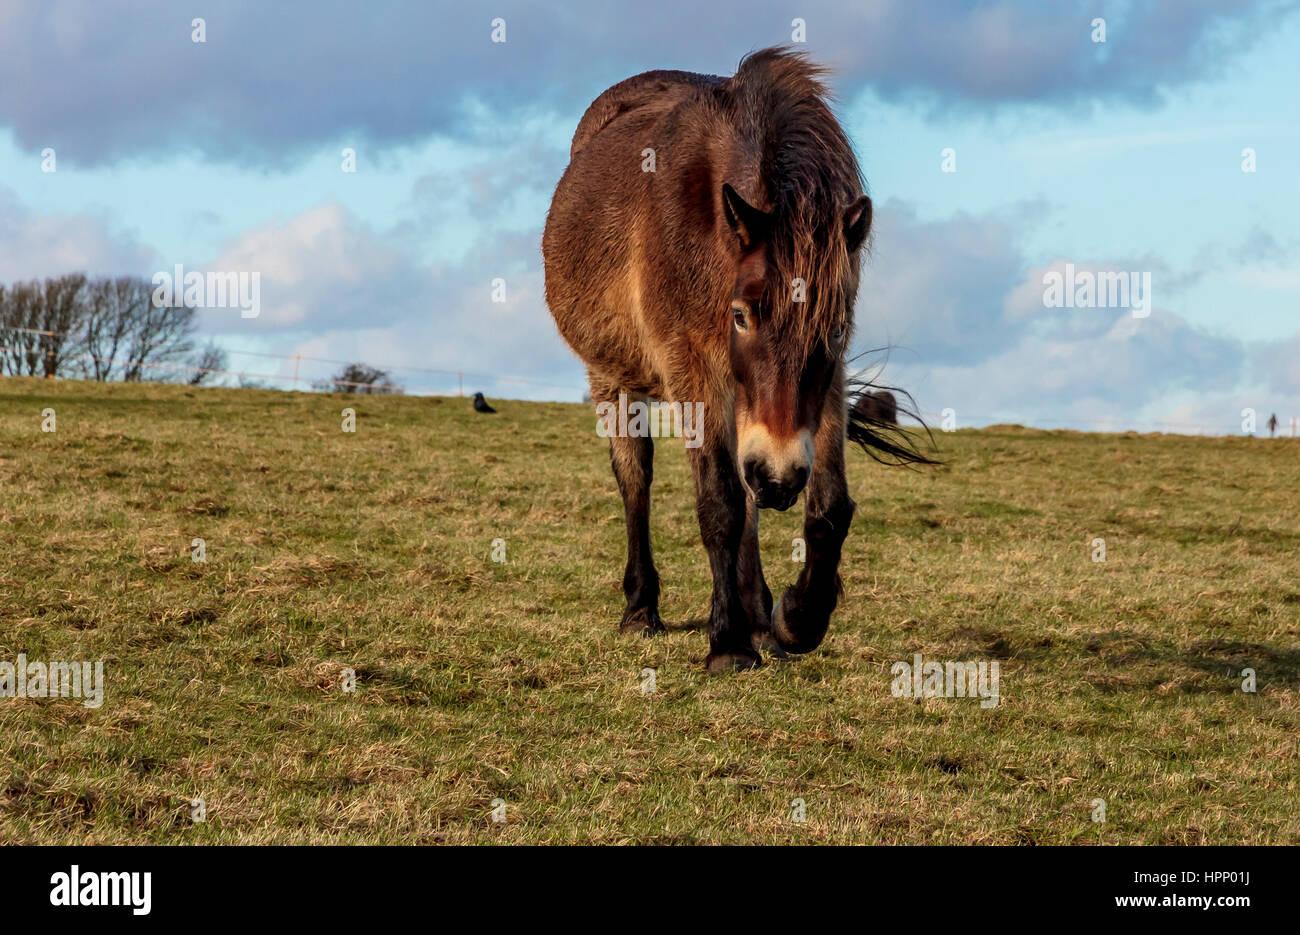 Exmoor ponies - Stock Image